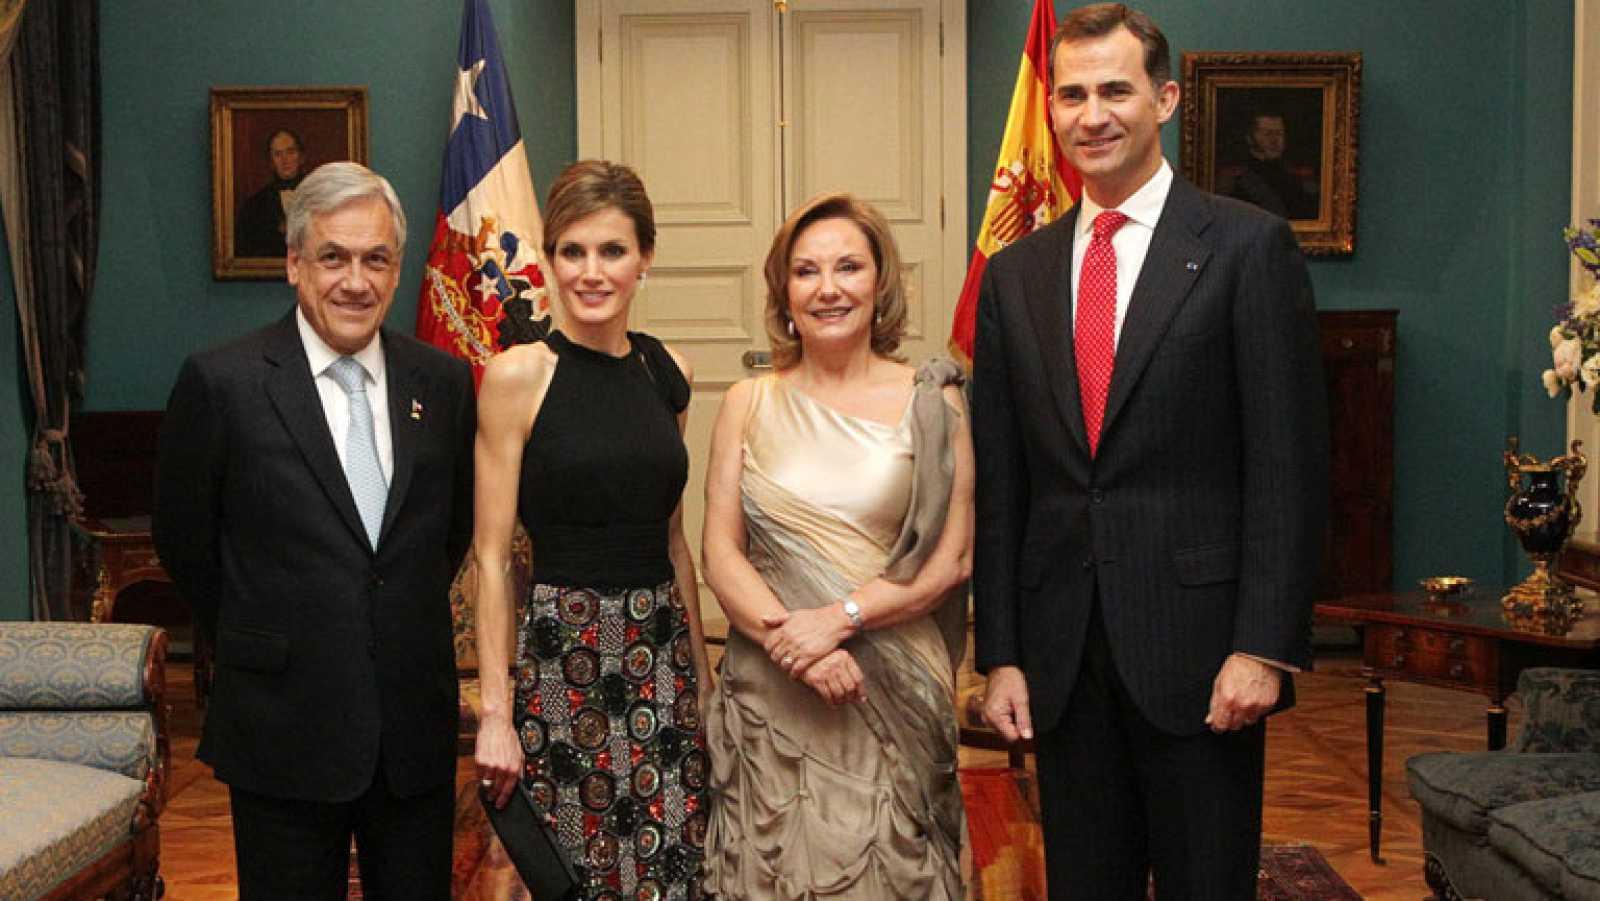 Segundo día de la visita oficial de los Príncipes de Asturias en Chile